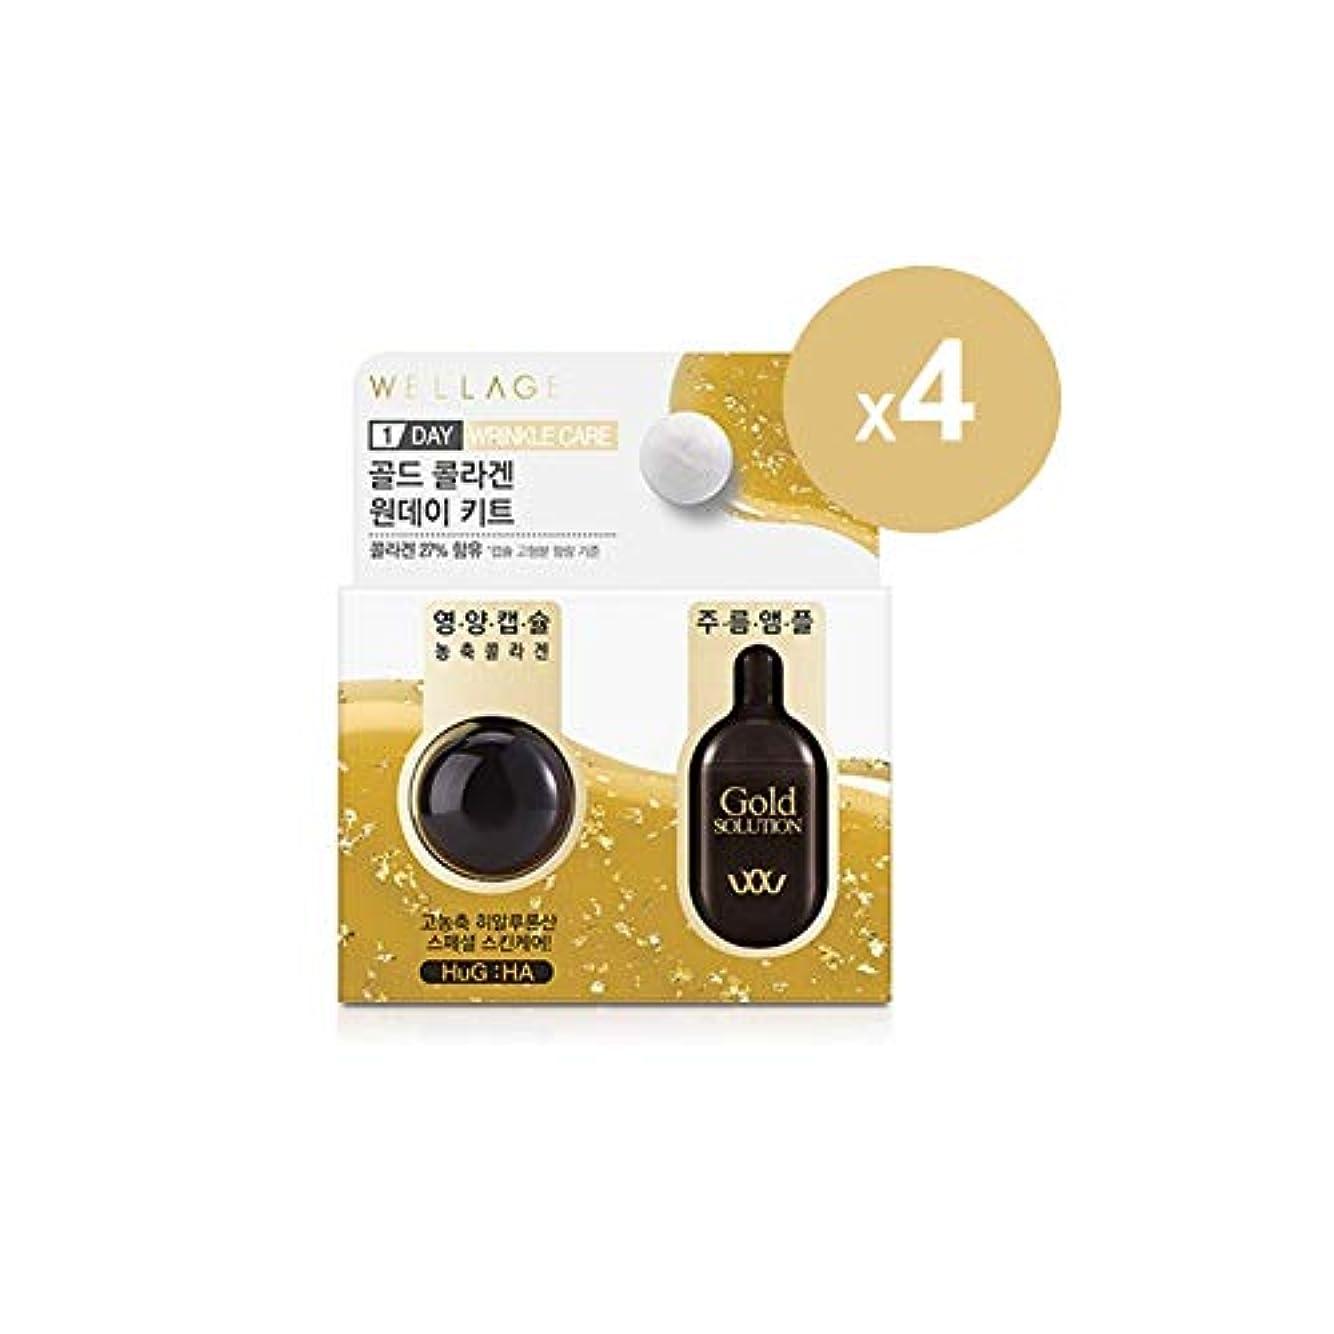 苛性ジャグリングながらwellage☆Real Collagen Bio Capsule&Gold Solution☆ウェルラジュ ゴールドコラーゲン1dayキット [並行輸入品]